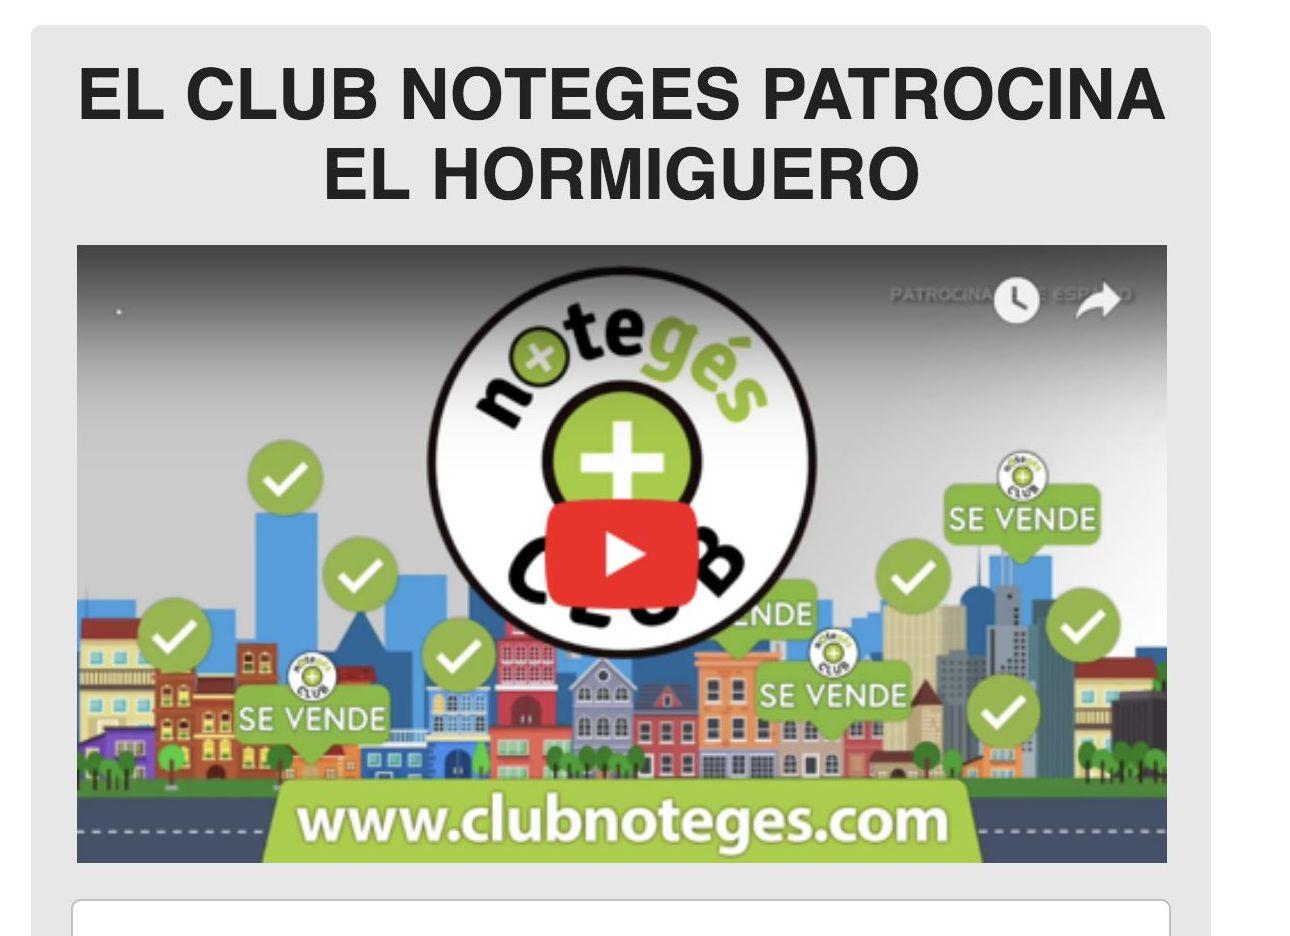 EL CLUB NOTEGES Y PRIME MALLORCA PROPERTIES, PATROCINAMOS EL HORMIGUERO